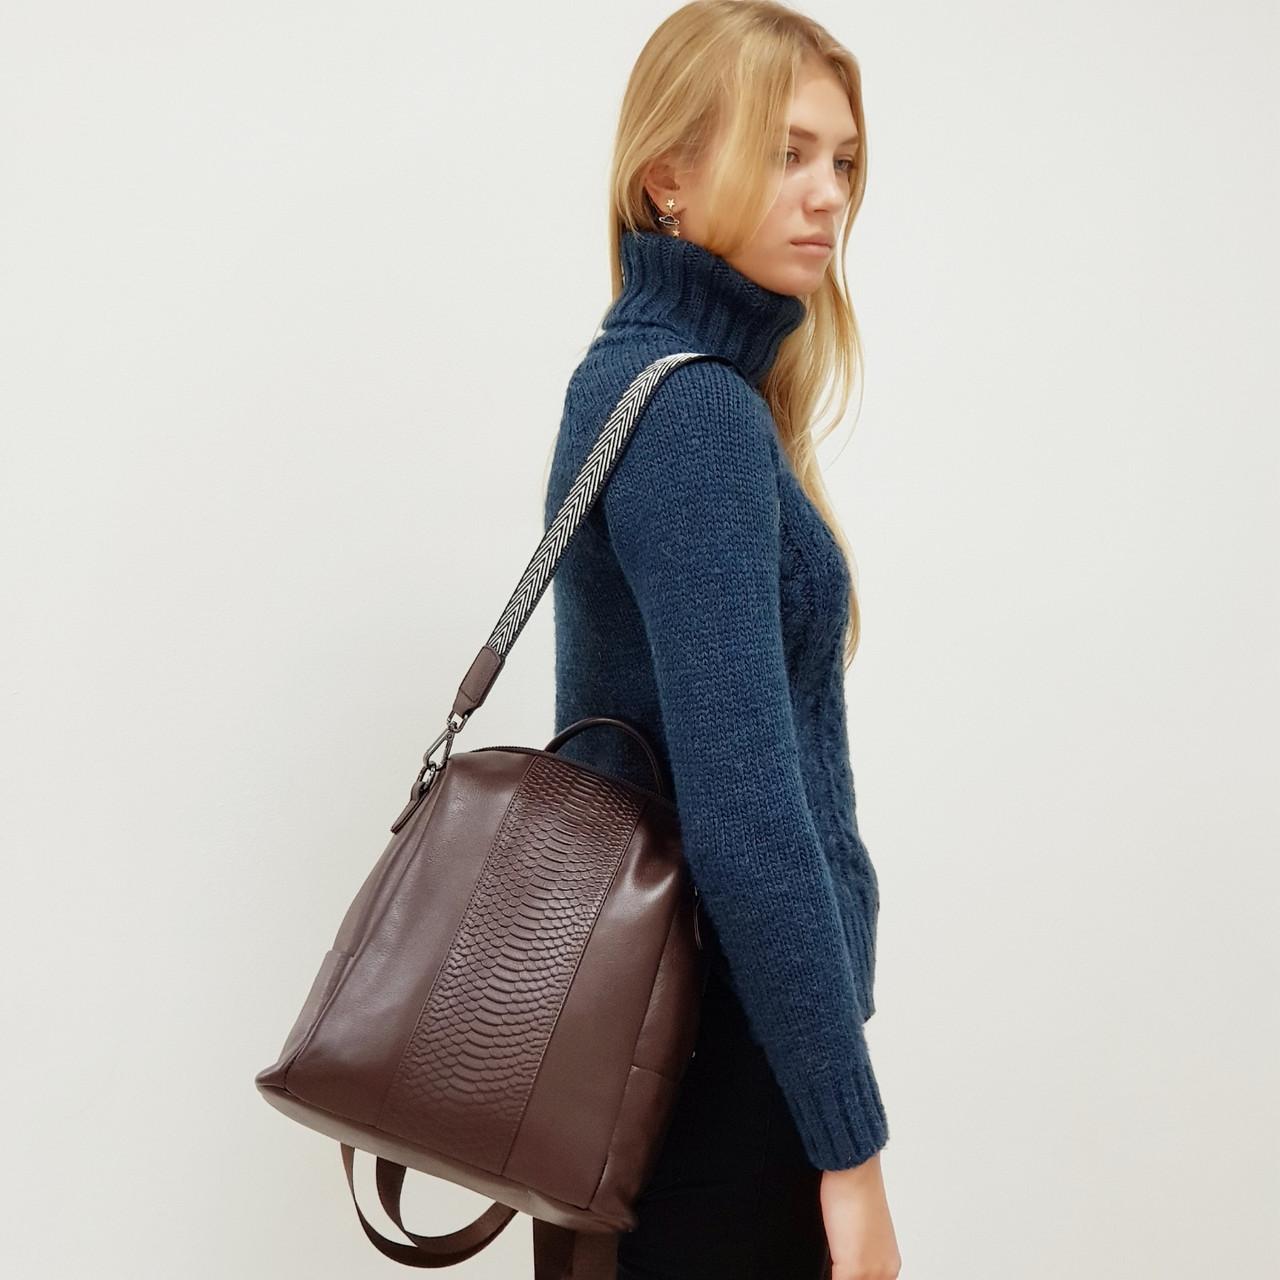 Рюкзак-сумка женский из натуральной кожи городской  коричневый